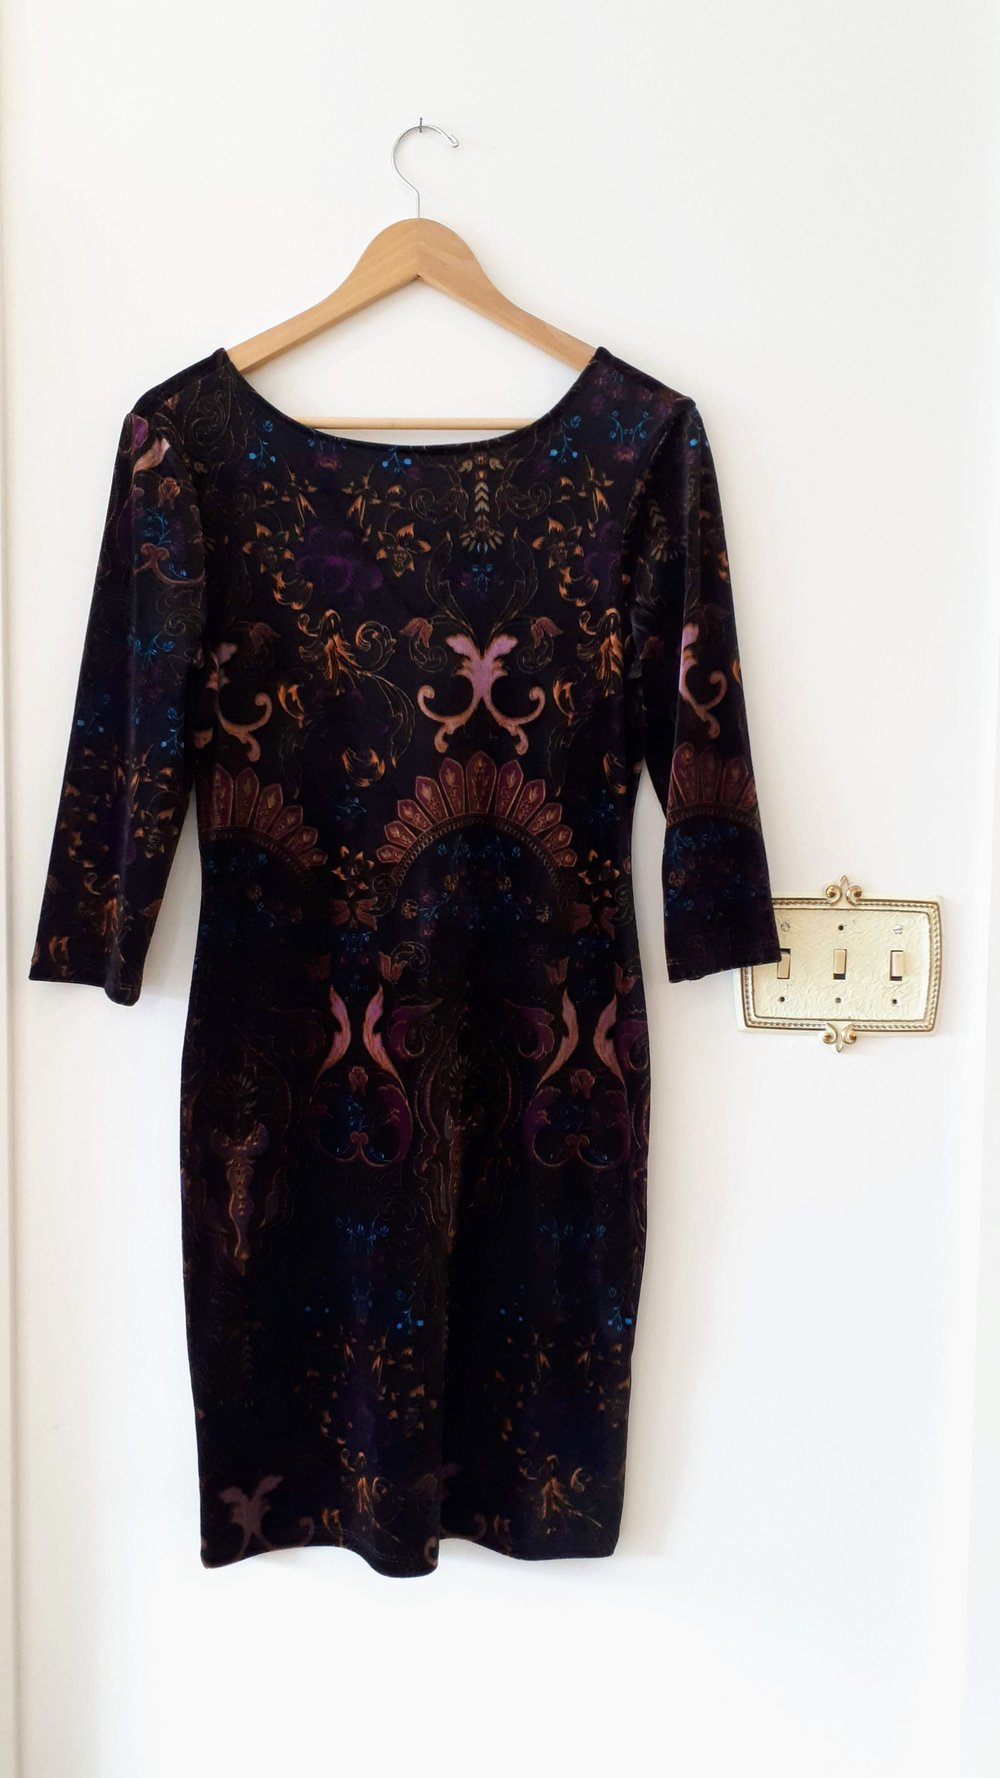 Velvet dress; Size S, $30